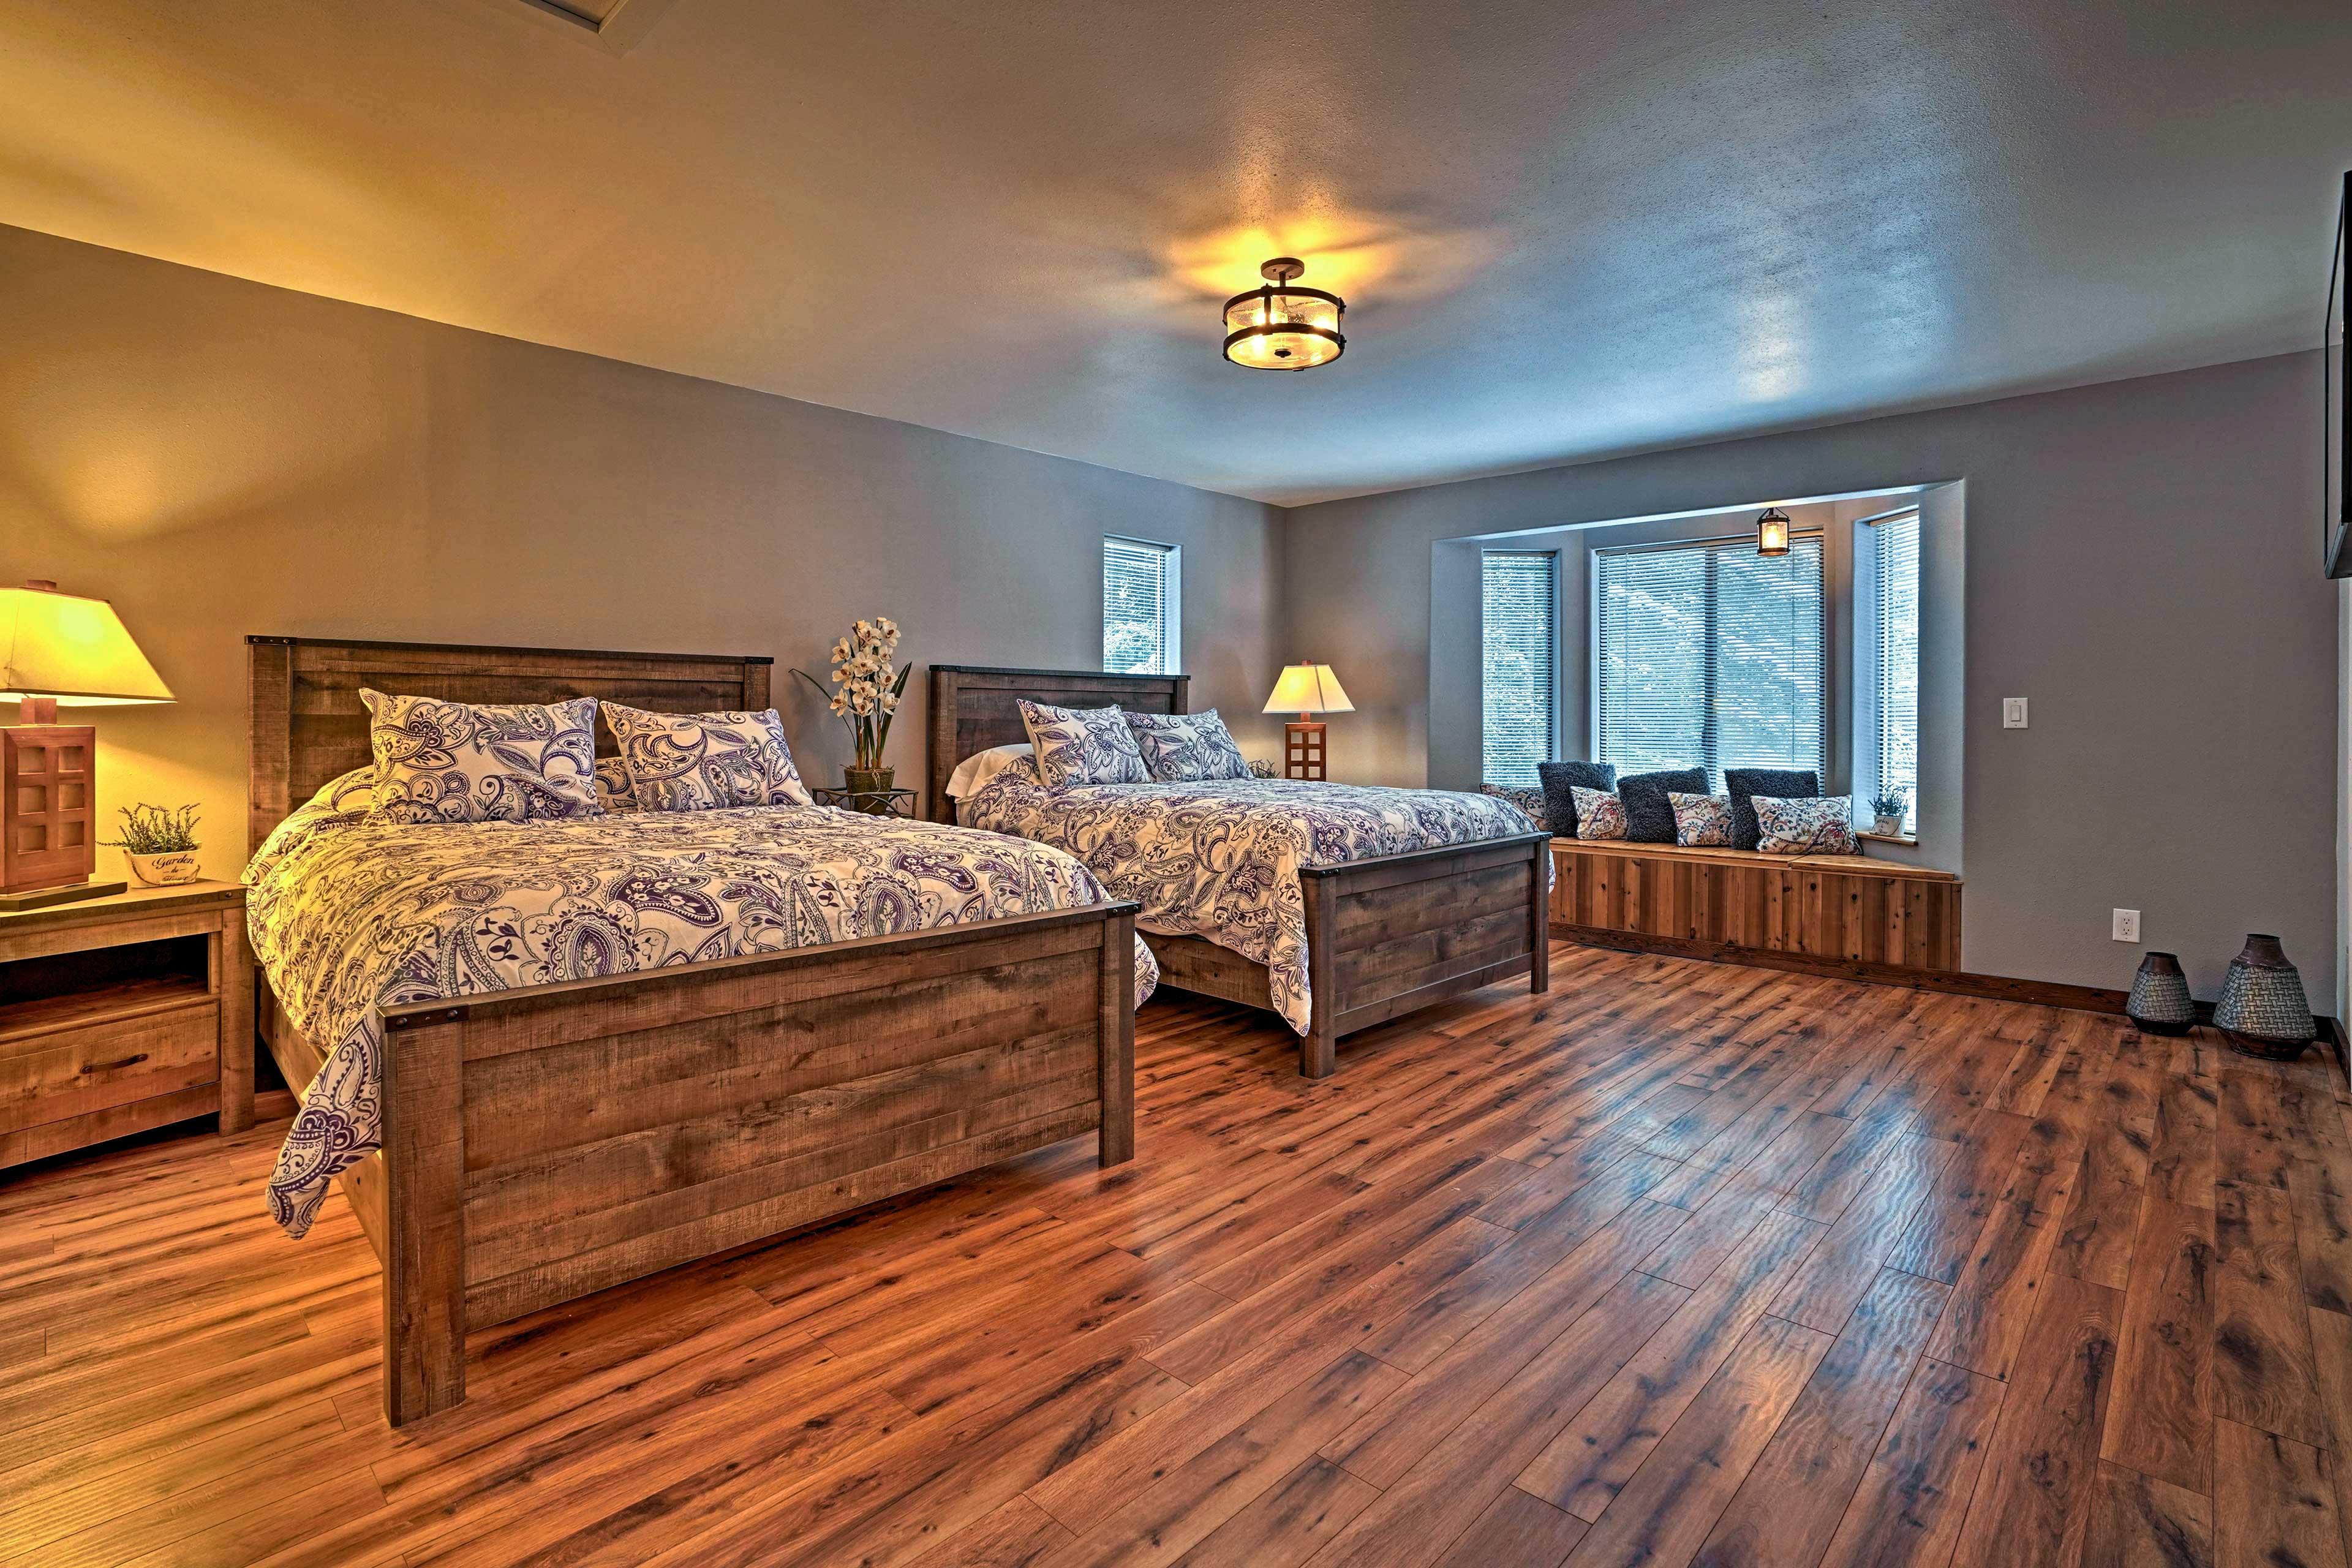 Bedroom 3 | 2 Queen Beds